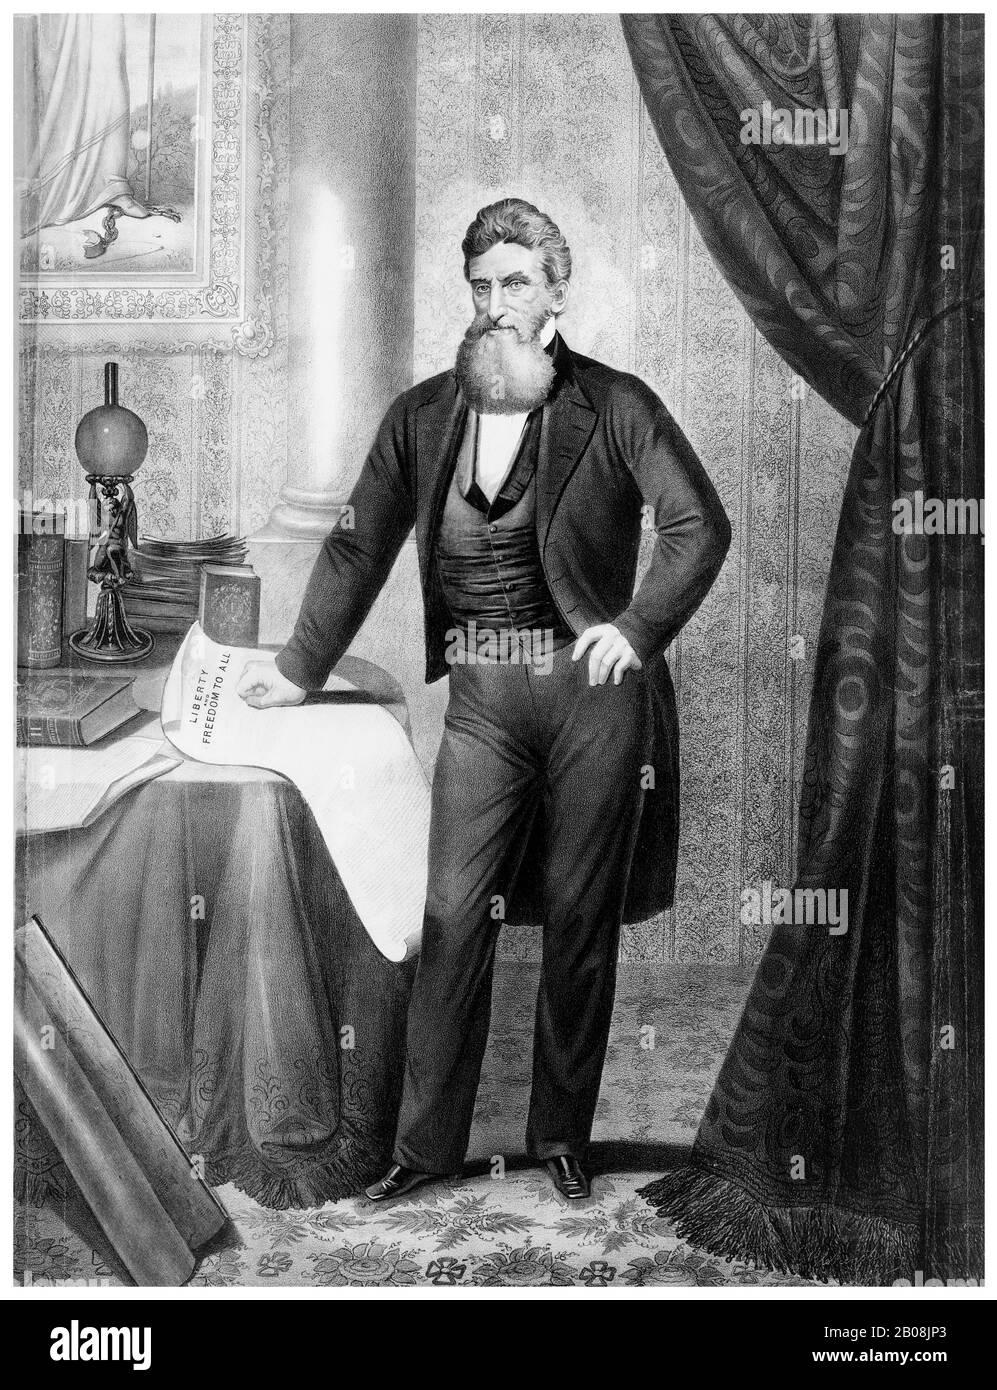 John Brown (1800-1859), Abolicionista, Movimiento contra la Esclavitud, retrato impreso por Anton Hohenstein después de Martin Lawrence, 1866 Foto de stock